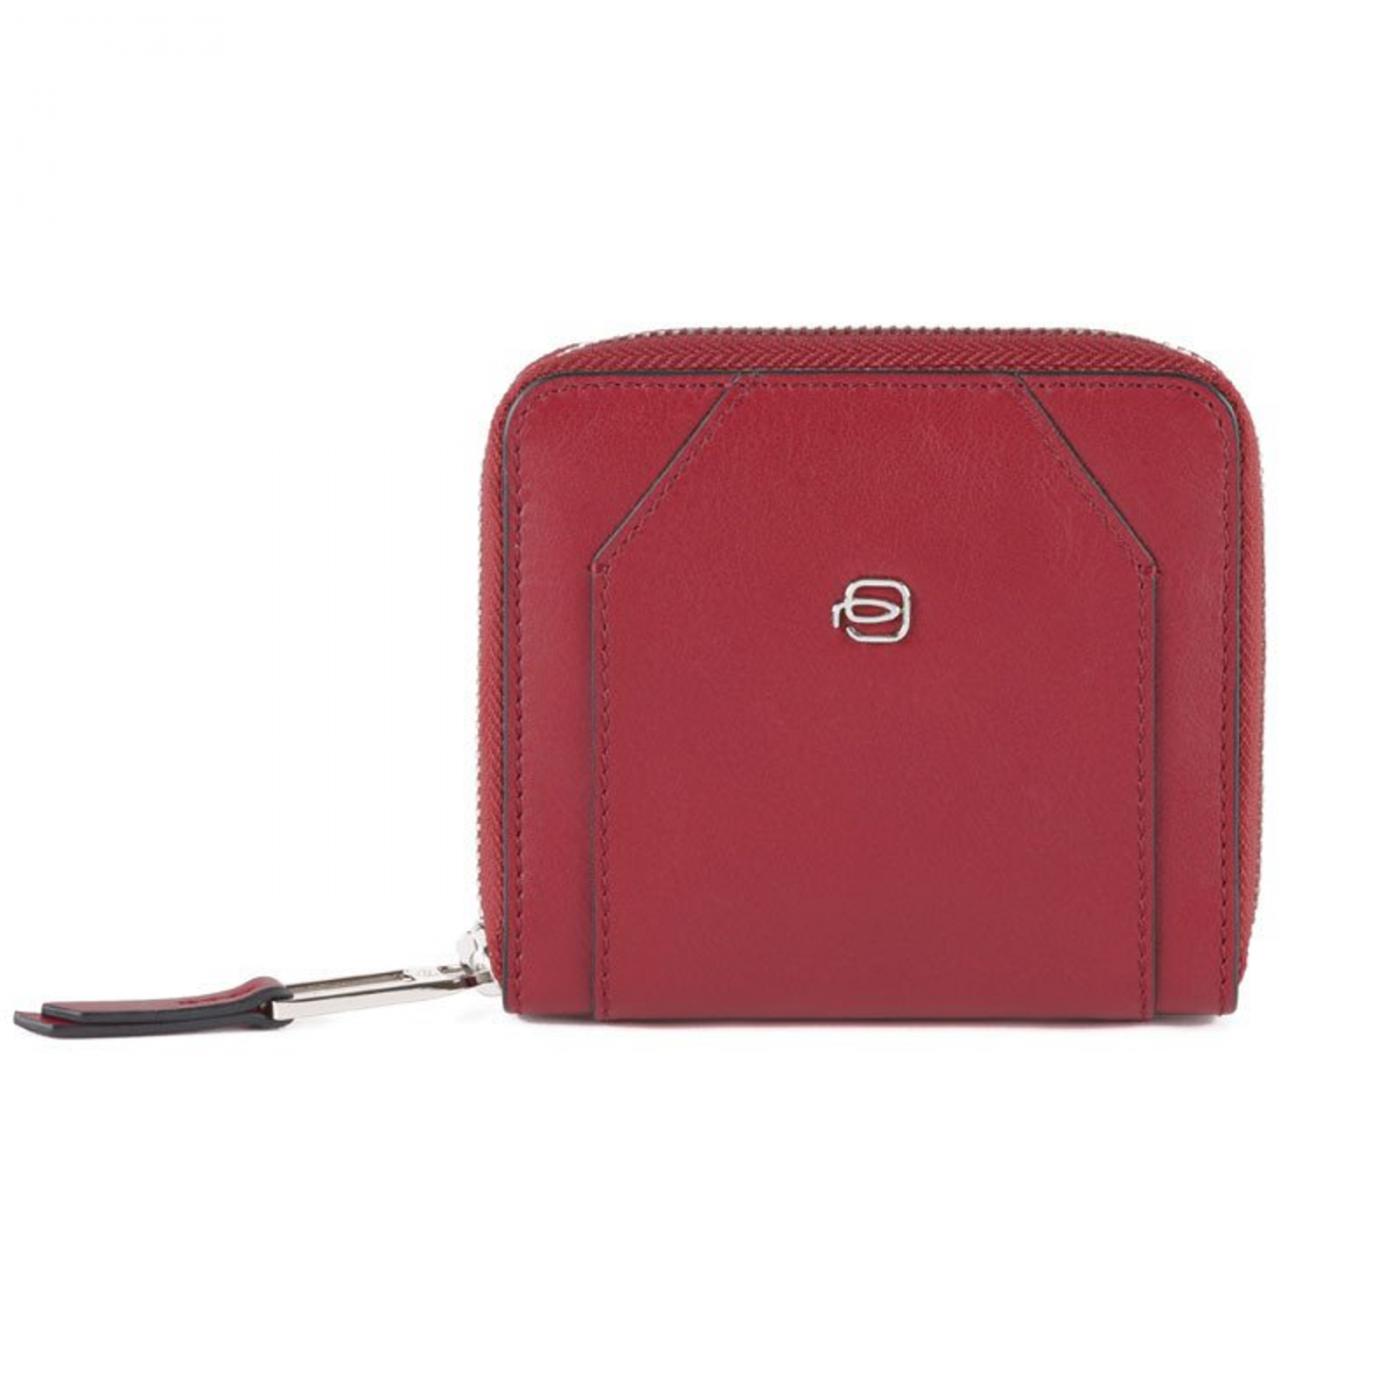 PIQUADRO Muse portafogli donna piccolo con zip, pelle rosso